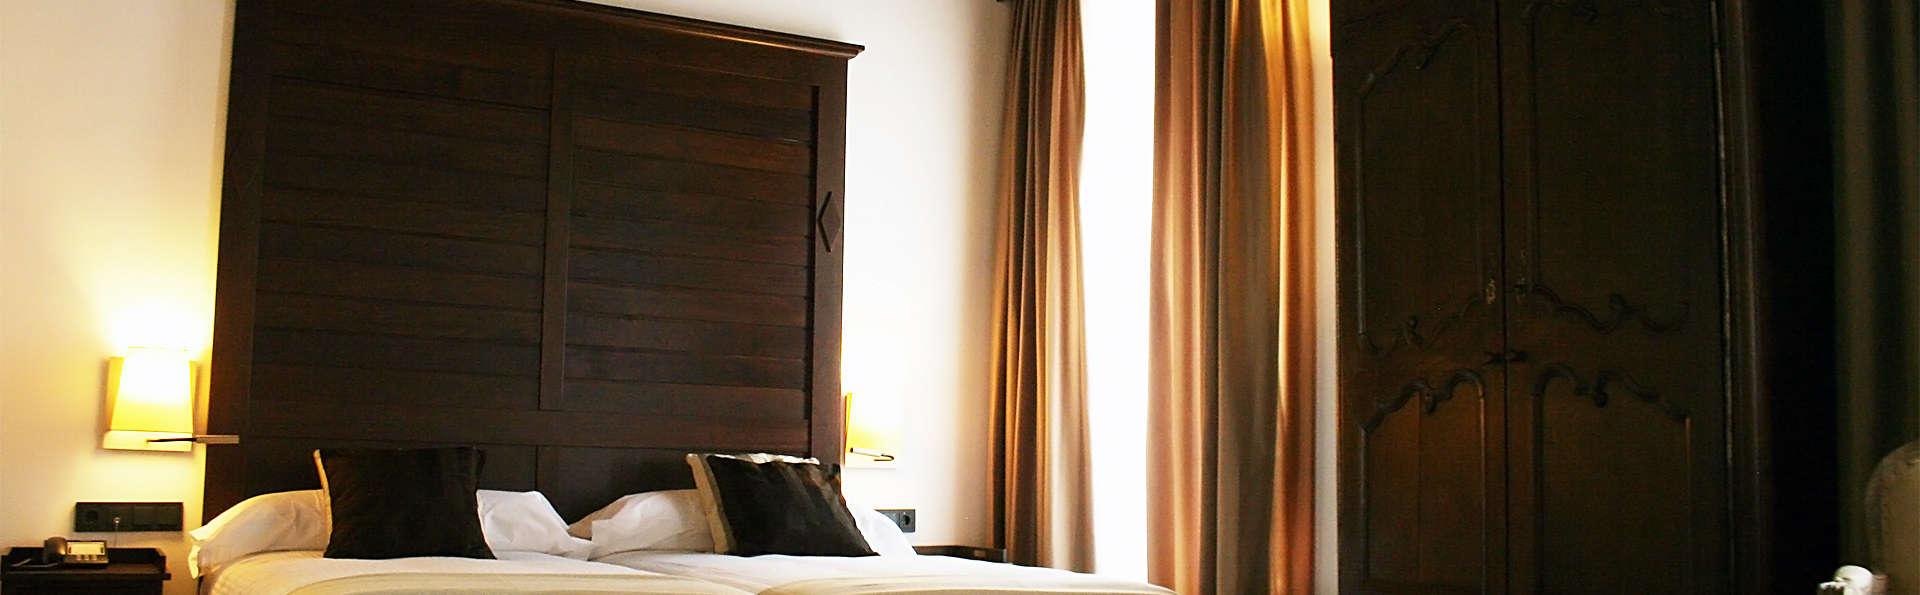 Hotel Convento Aracena & Spa - EDIT_room3.jpg